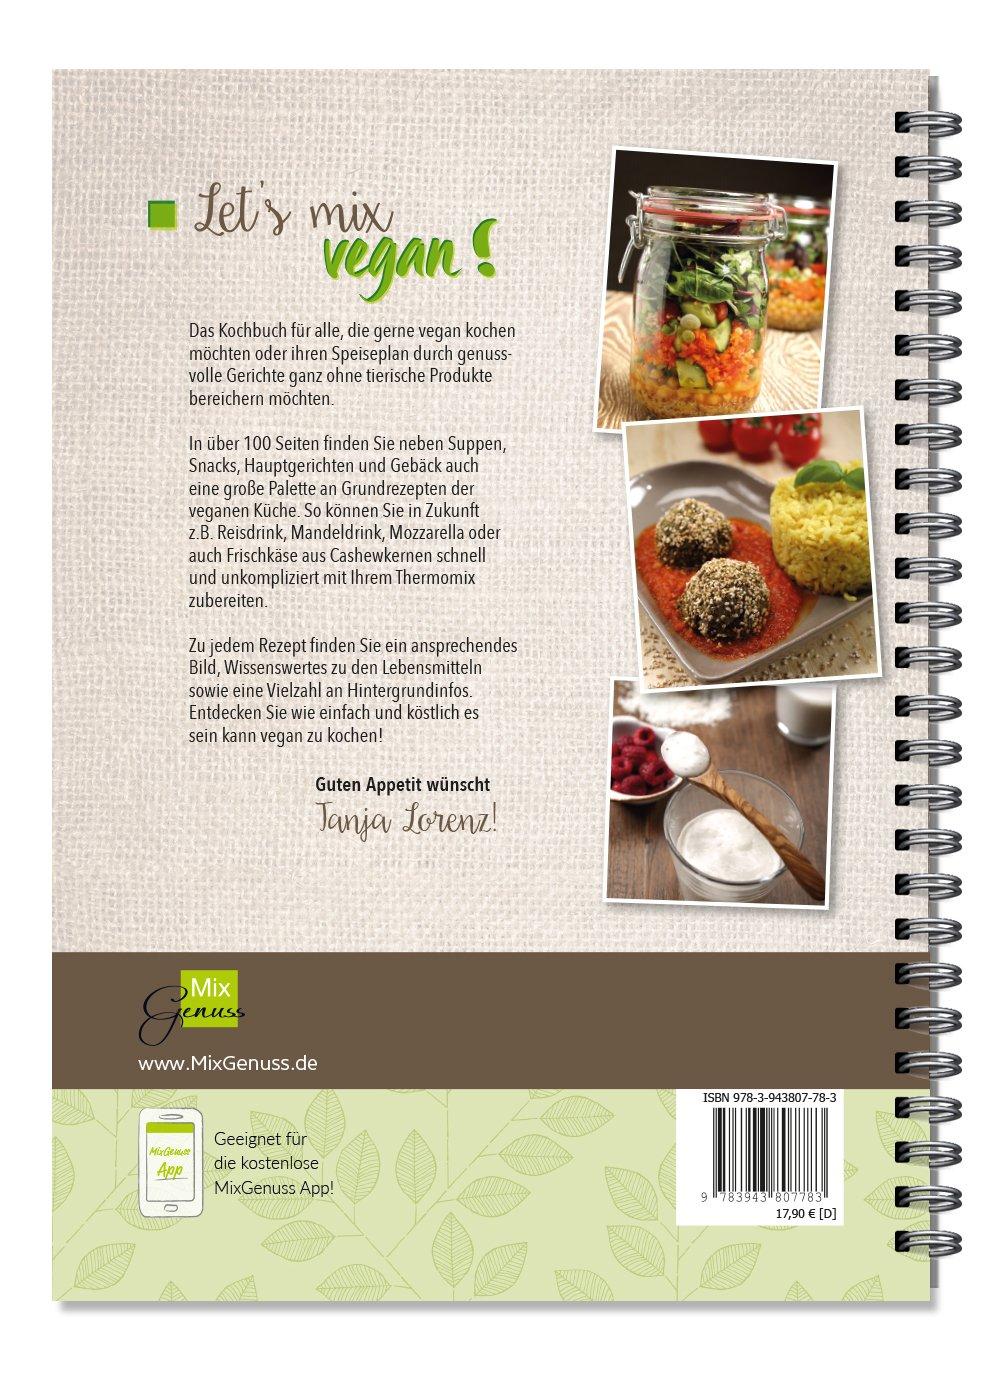 Let\'s mix vegan!: Rezepte für den Thermomix: Amazon.de: Tanja ...